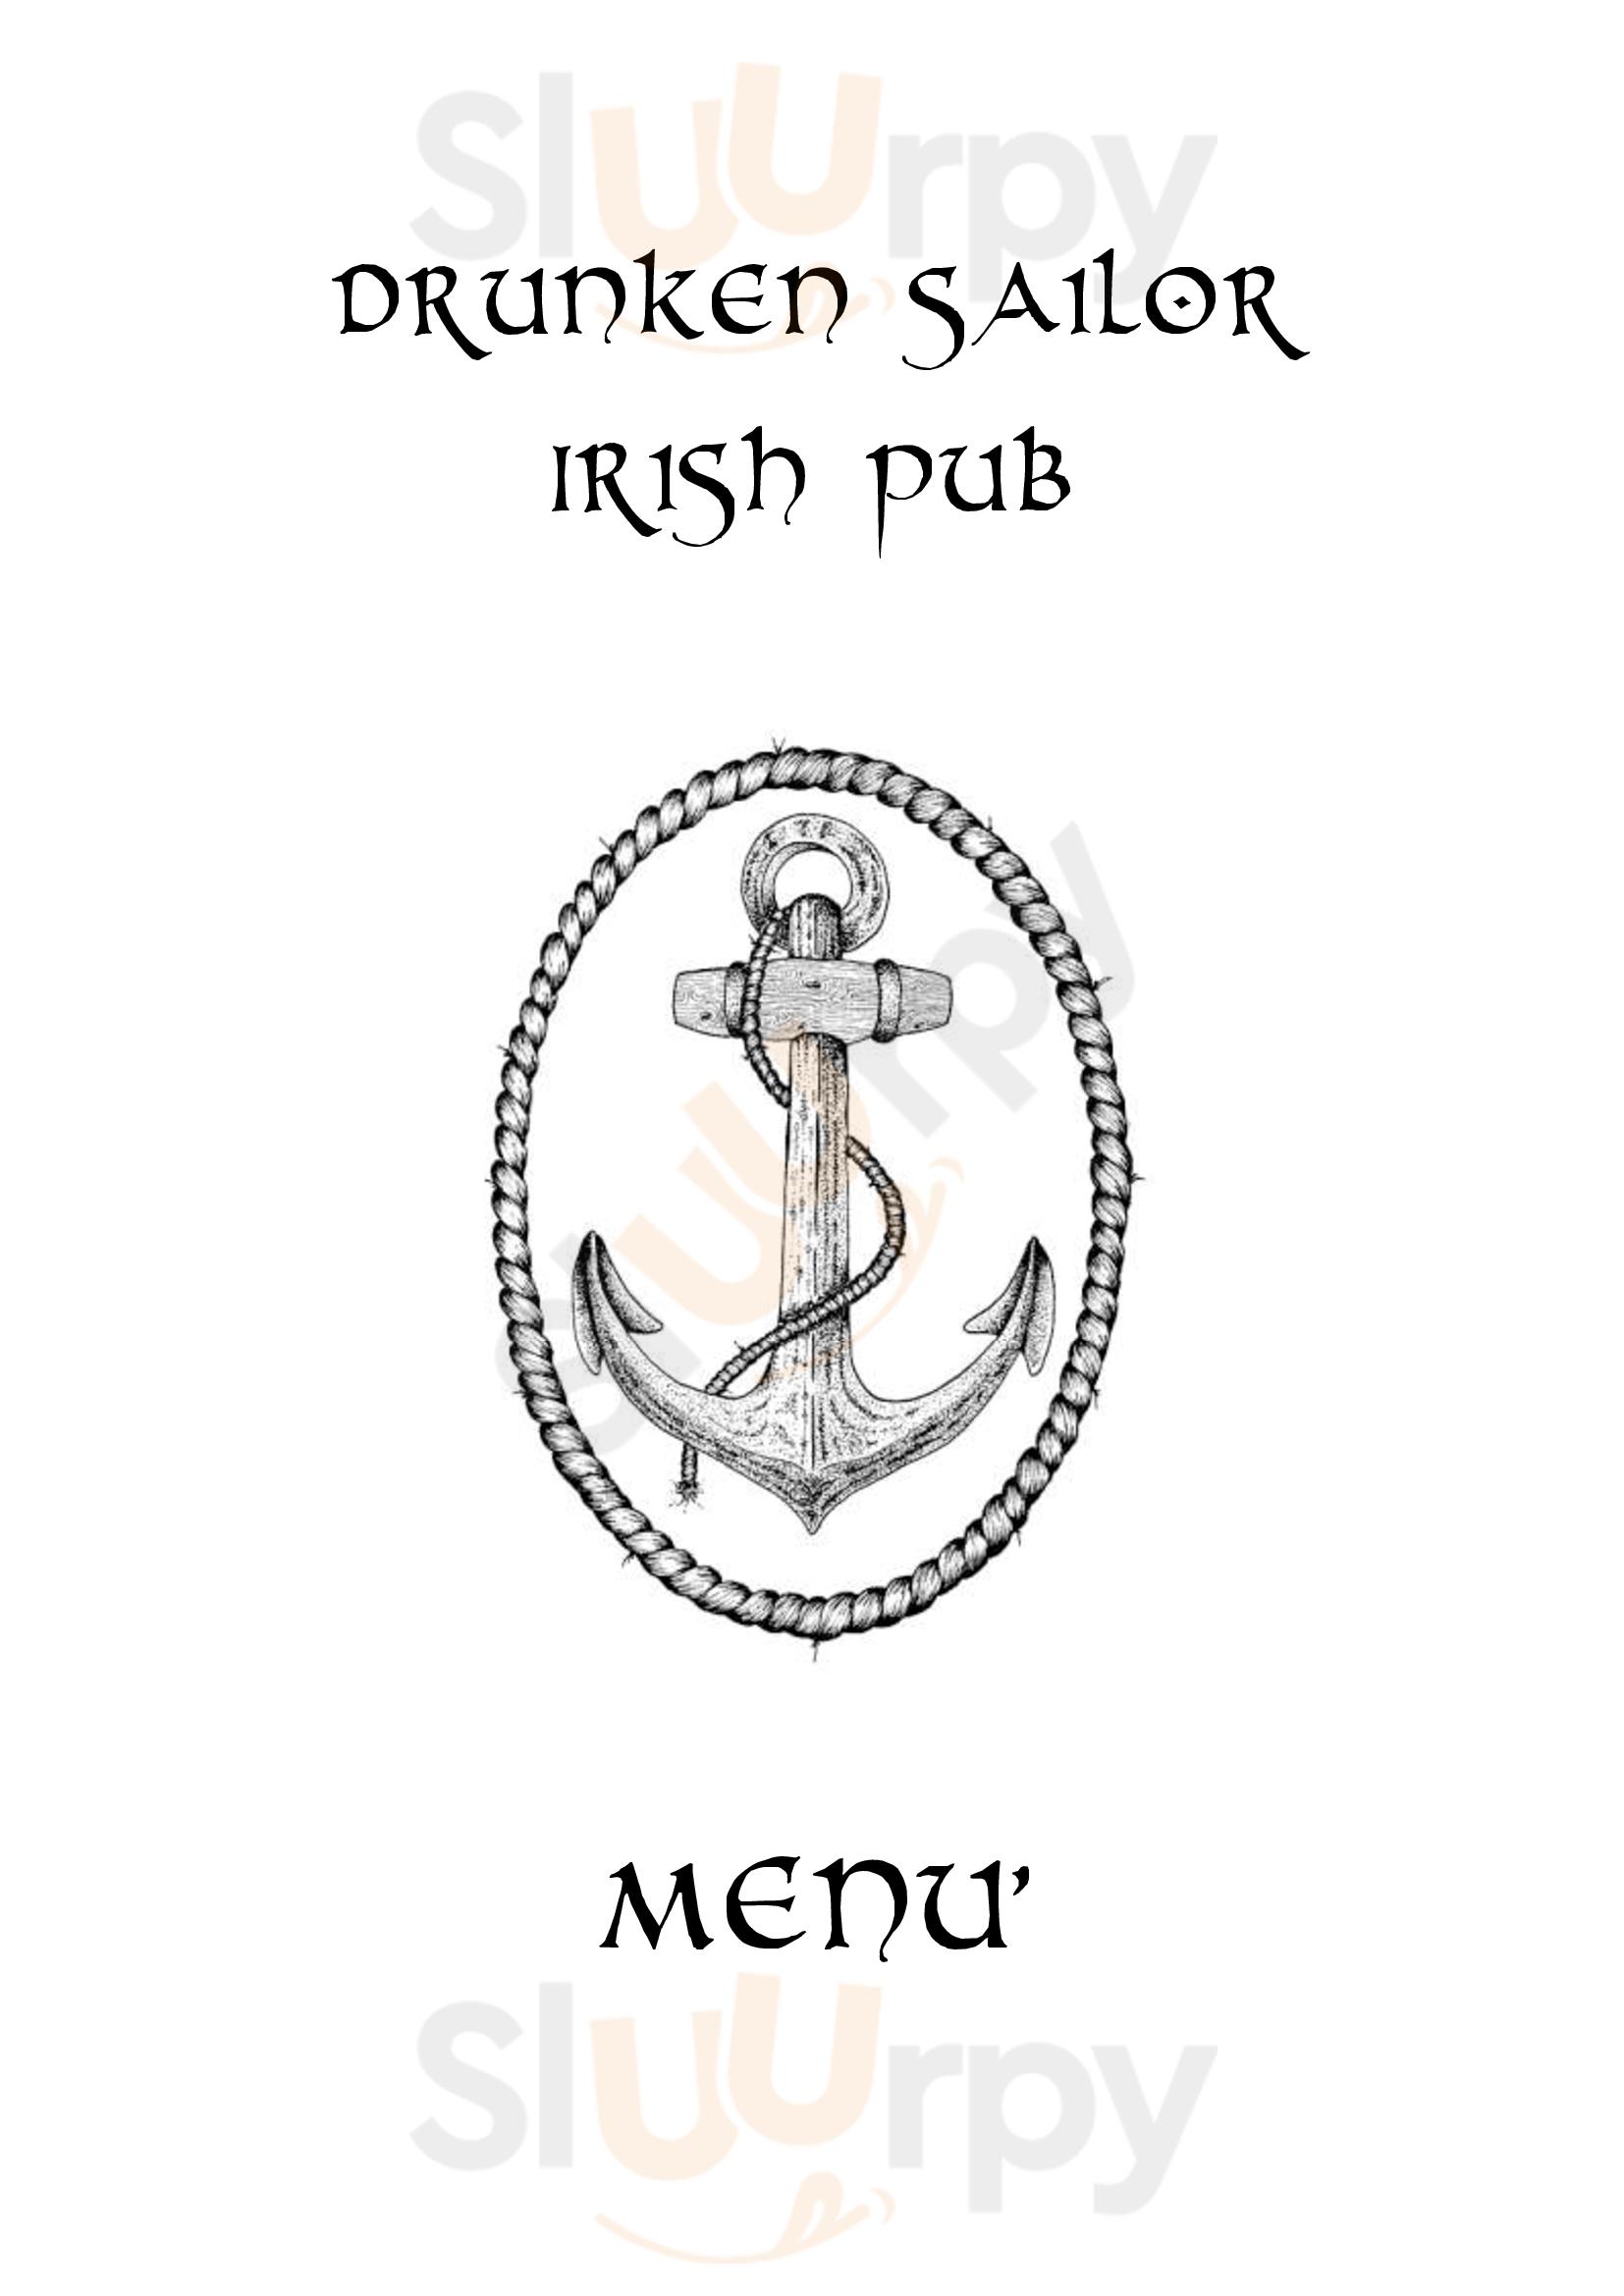 Drunken Sailor Irish Pub Viareggio menù 1 pagina